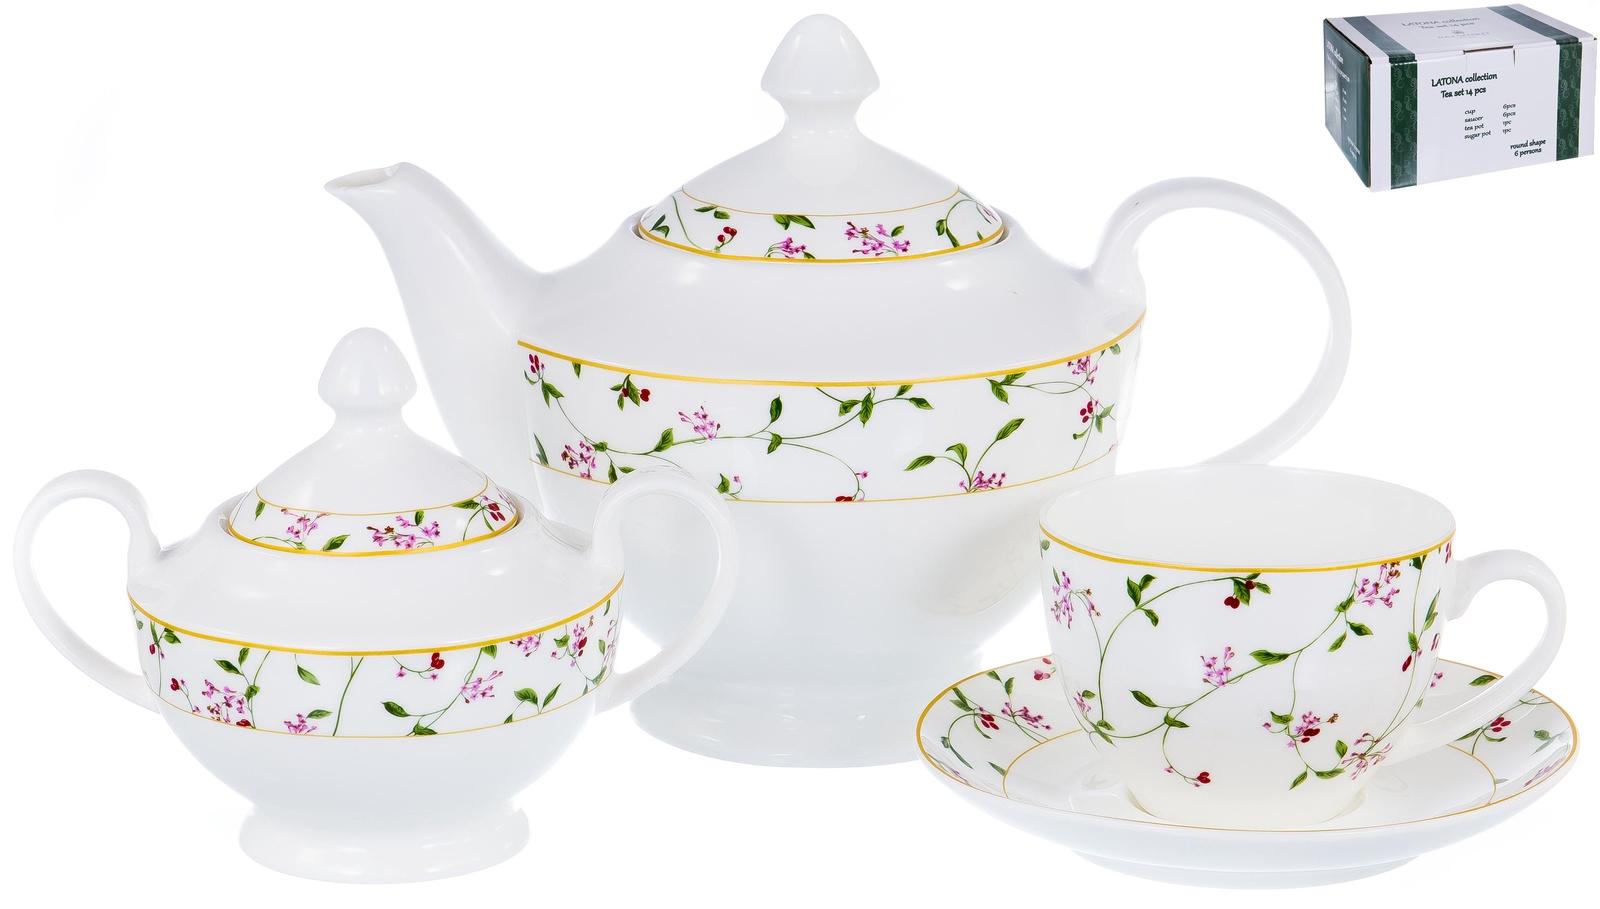 Набор чайный ЛАТОНА, серия Великолепный день, 6 чашек 300мл, 6 блюдец , чайник 1200мл с крышкой, сахарница 470 мл с крышкой, NEW BONE CHINA, декор - цветочный орнамент, цветная упаковка,ТМ Balsford, артикул 104-03013